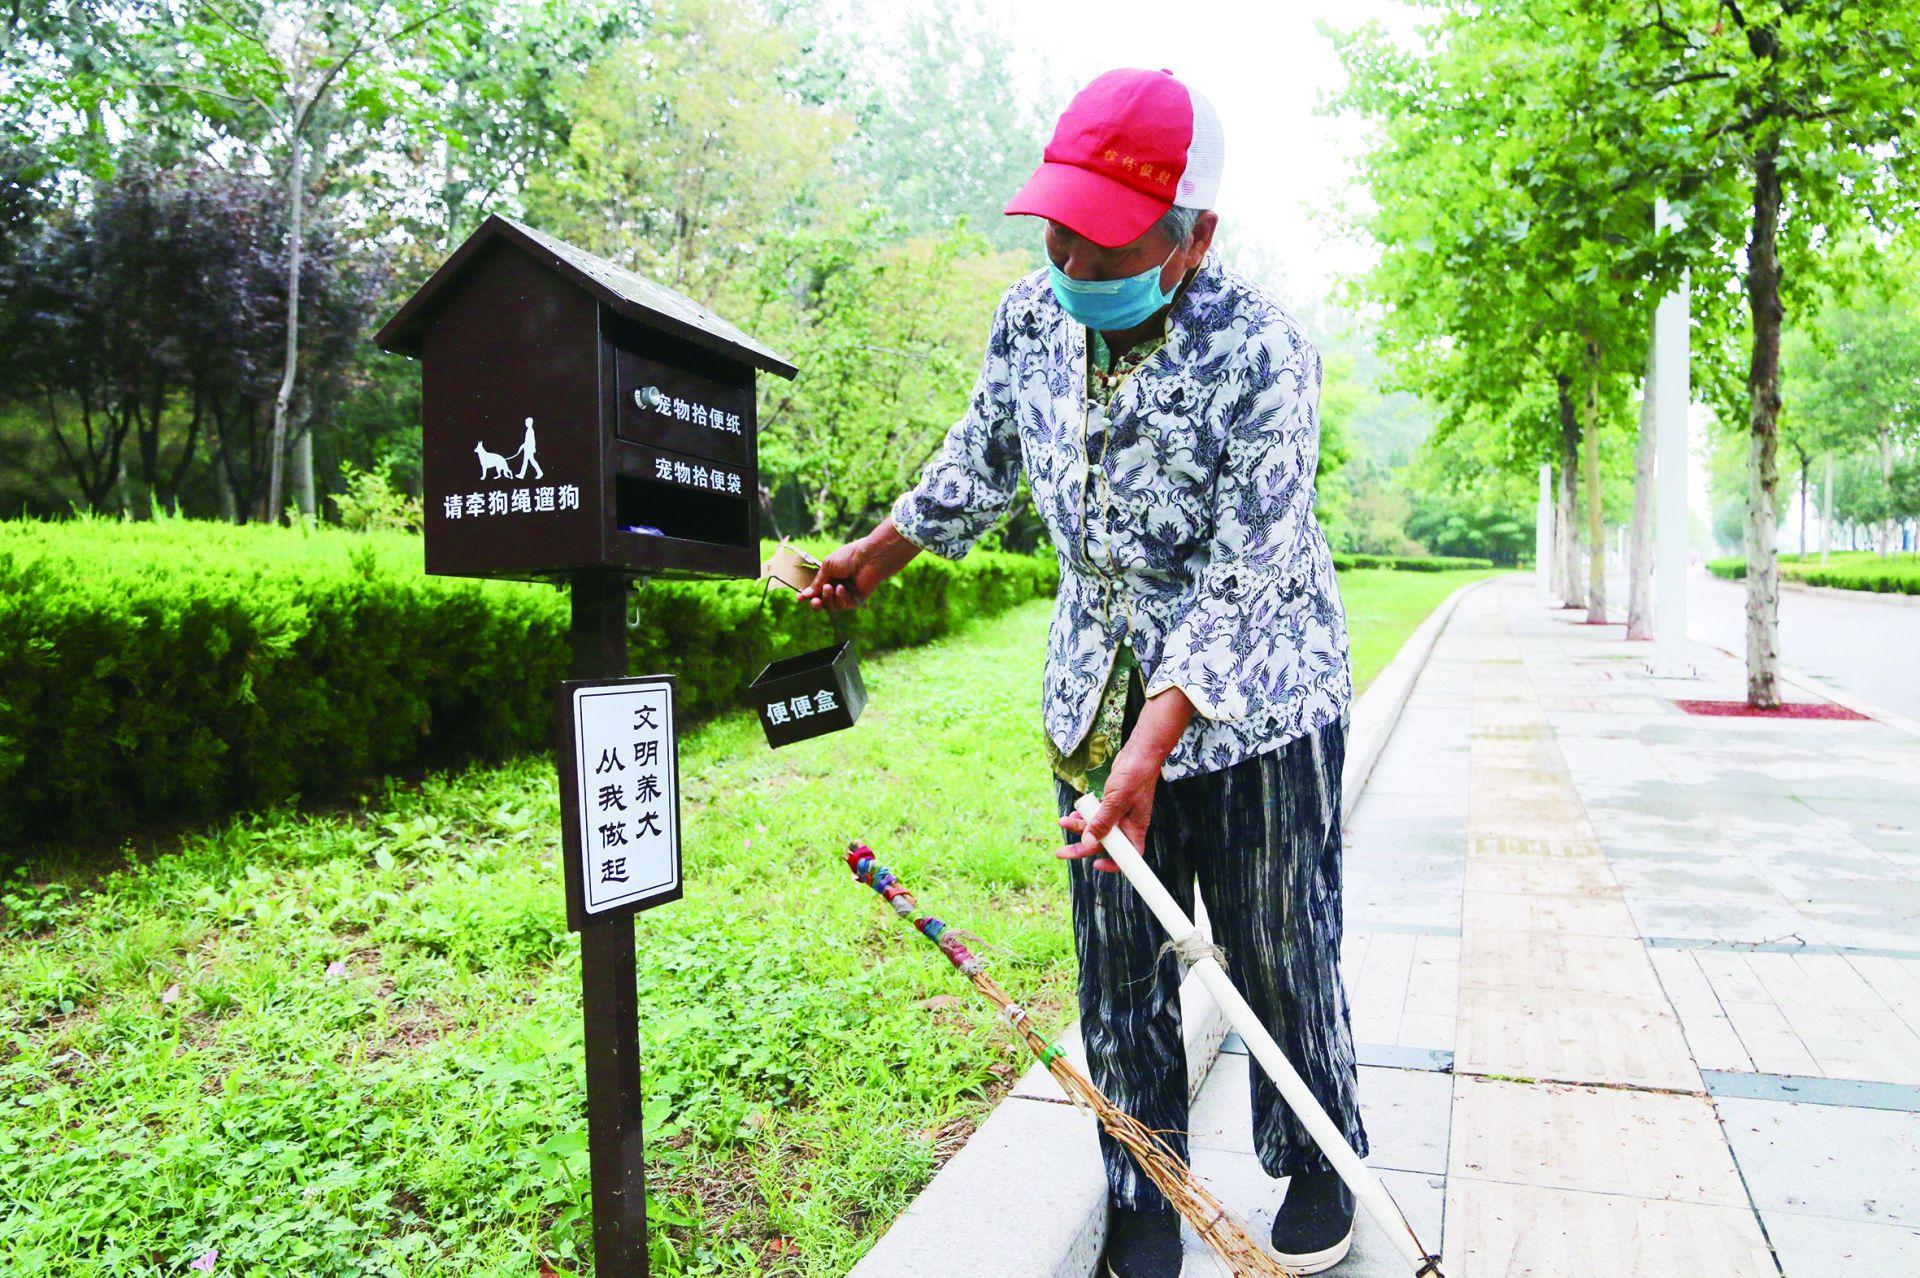 长河公园配置宠物粪便箱 文明养宠物 美景大家护